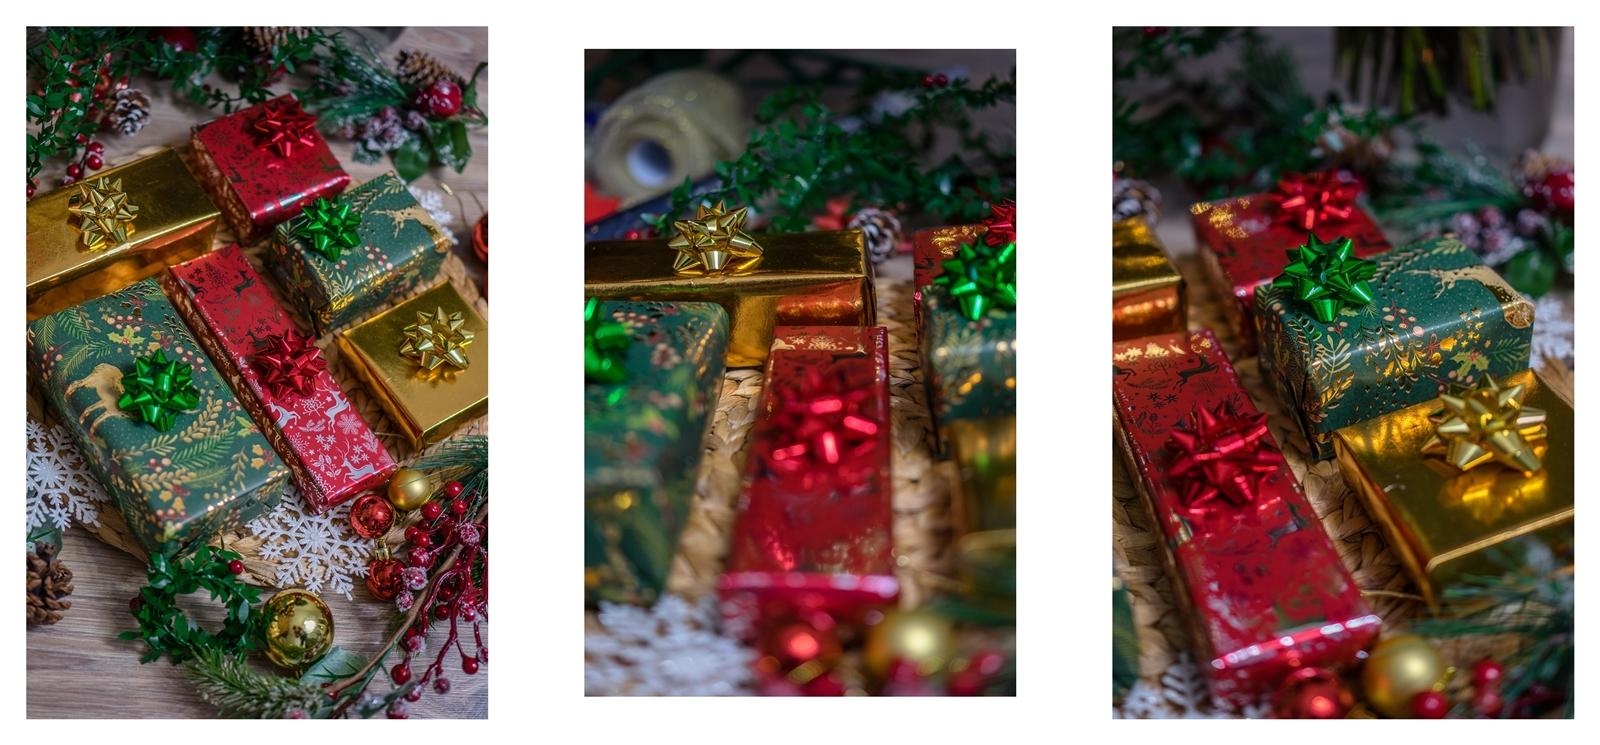 Jak zapakować prezent w papier pakowy Inspiracje na eleganckie prezenty pod choinkę  gdzie kupić ładny papier pakowy, w sarnny, złoty, czerwona folia, świąteczne prezenty  krok po kroku.